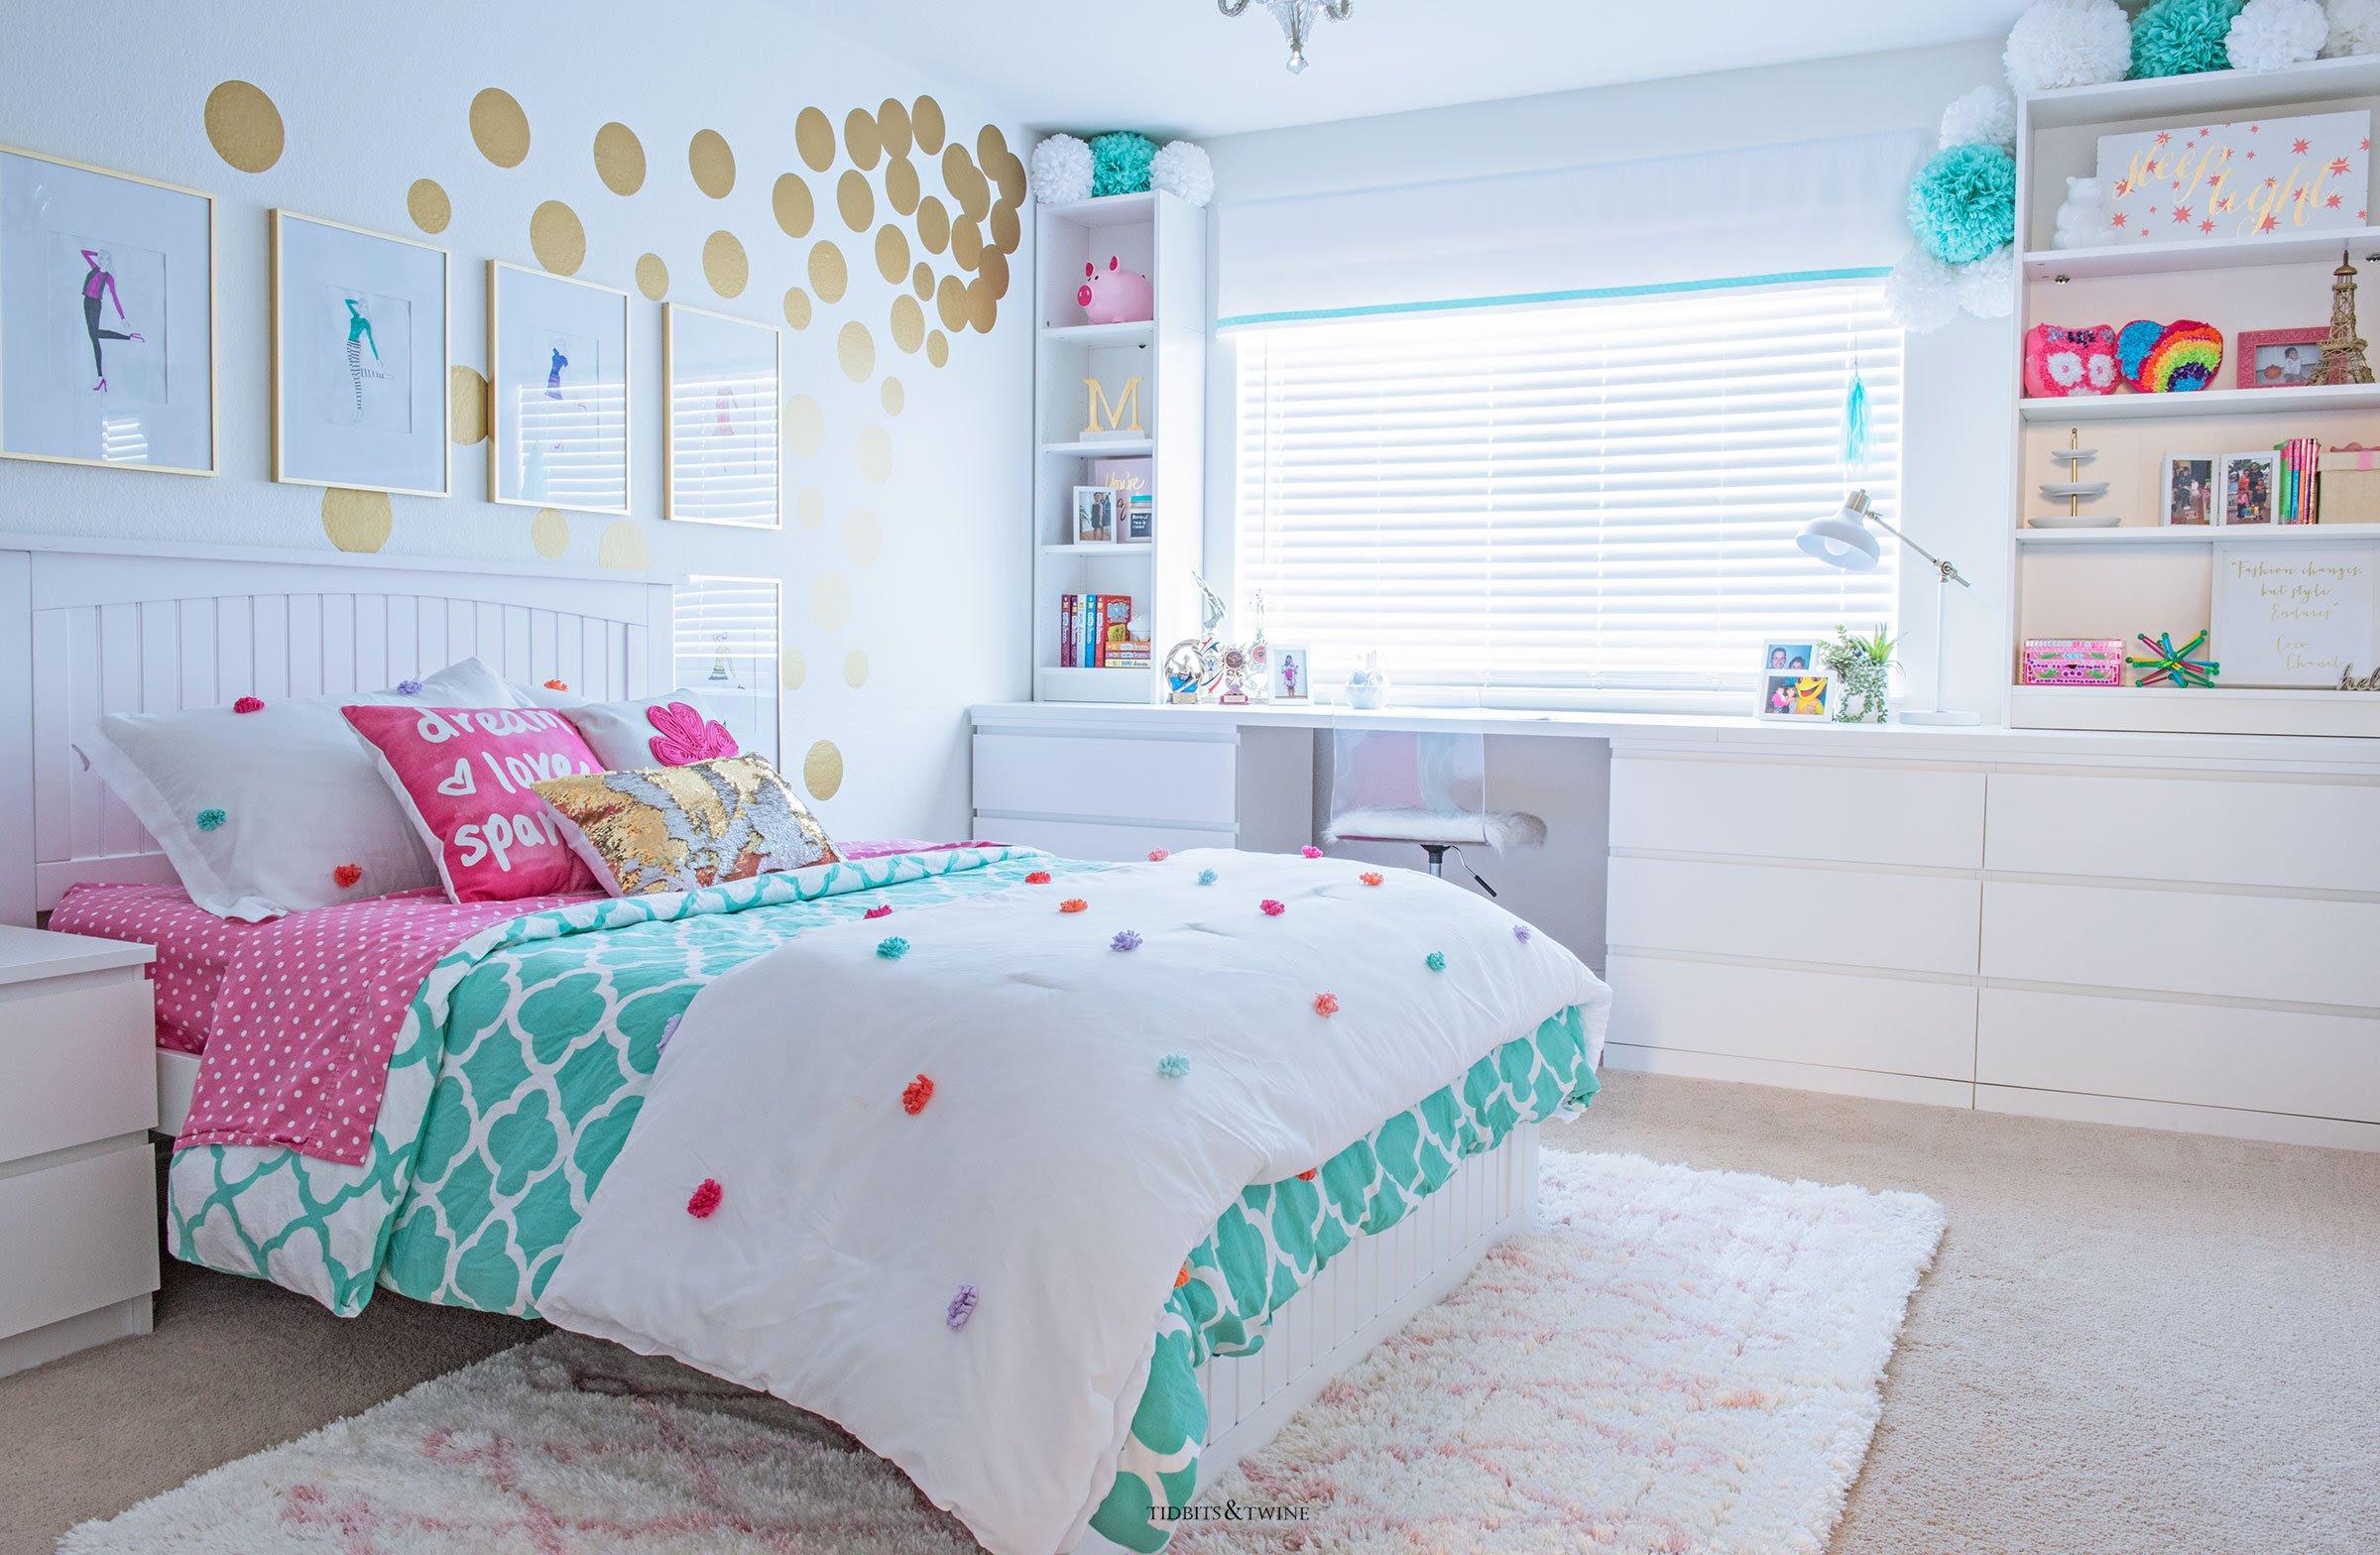 Tween Girl s  Bedroom Makeover REVEAL TIDBITS TWINE